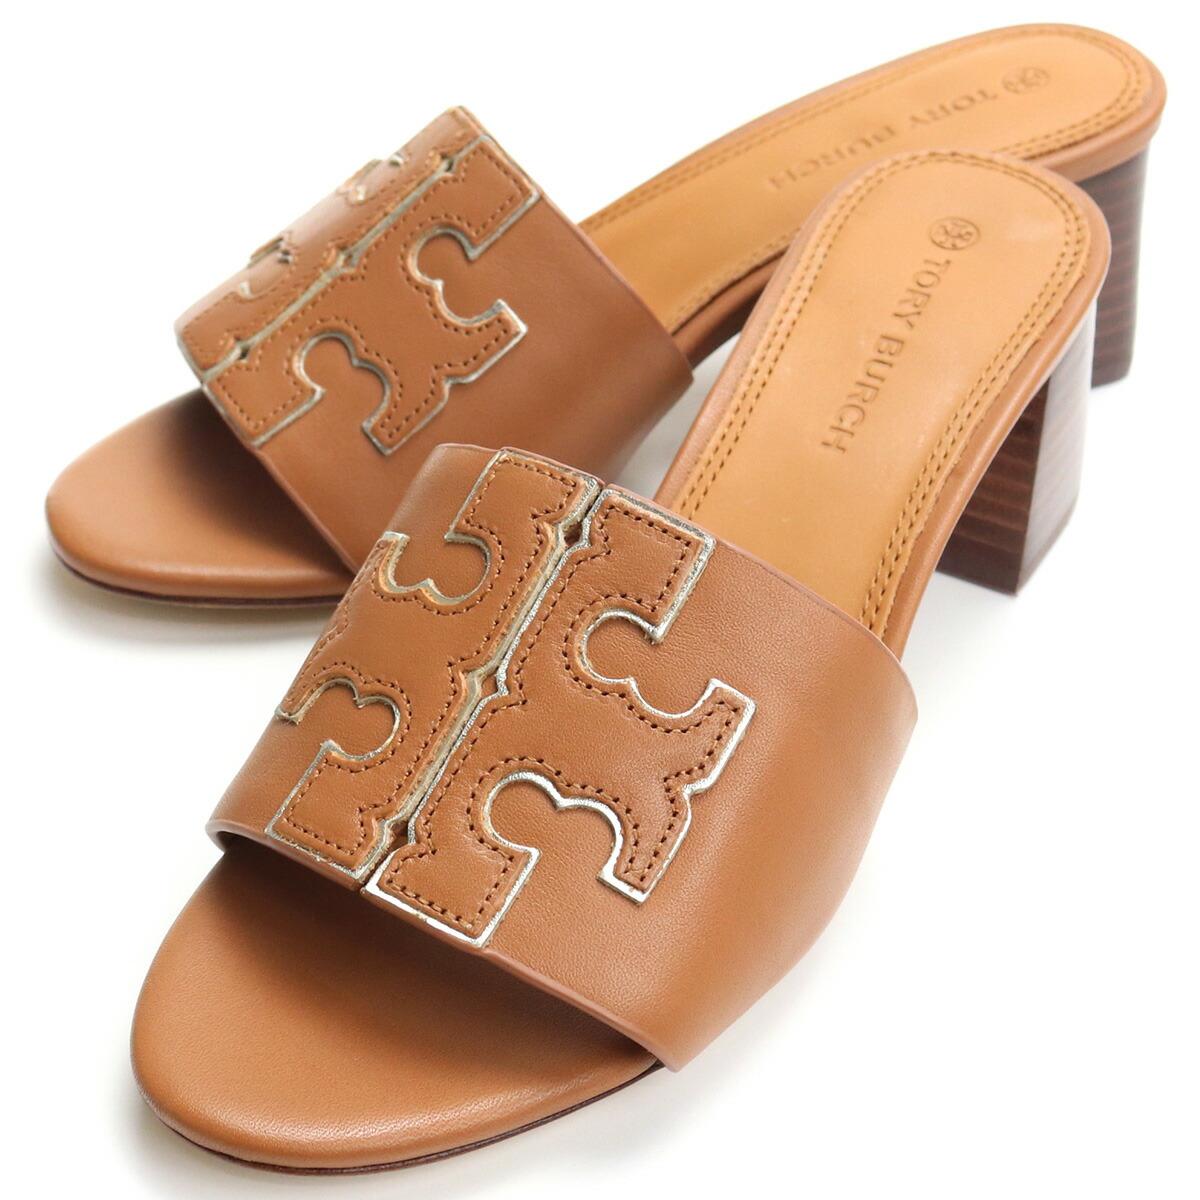 トリーバーチ TORY BURCH サンダル 66261 207 TAN/SPARK GOLD ブラウン系 shoes-01 レディース